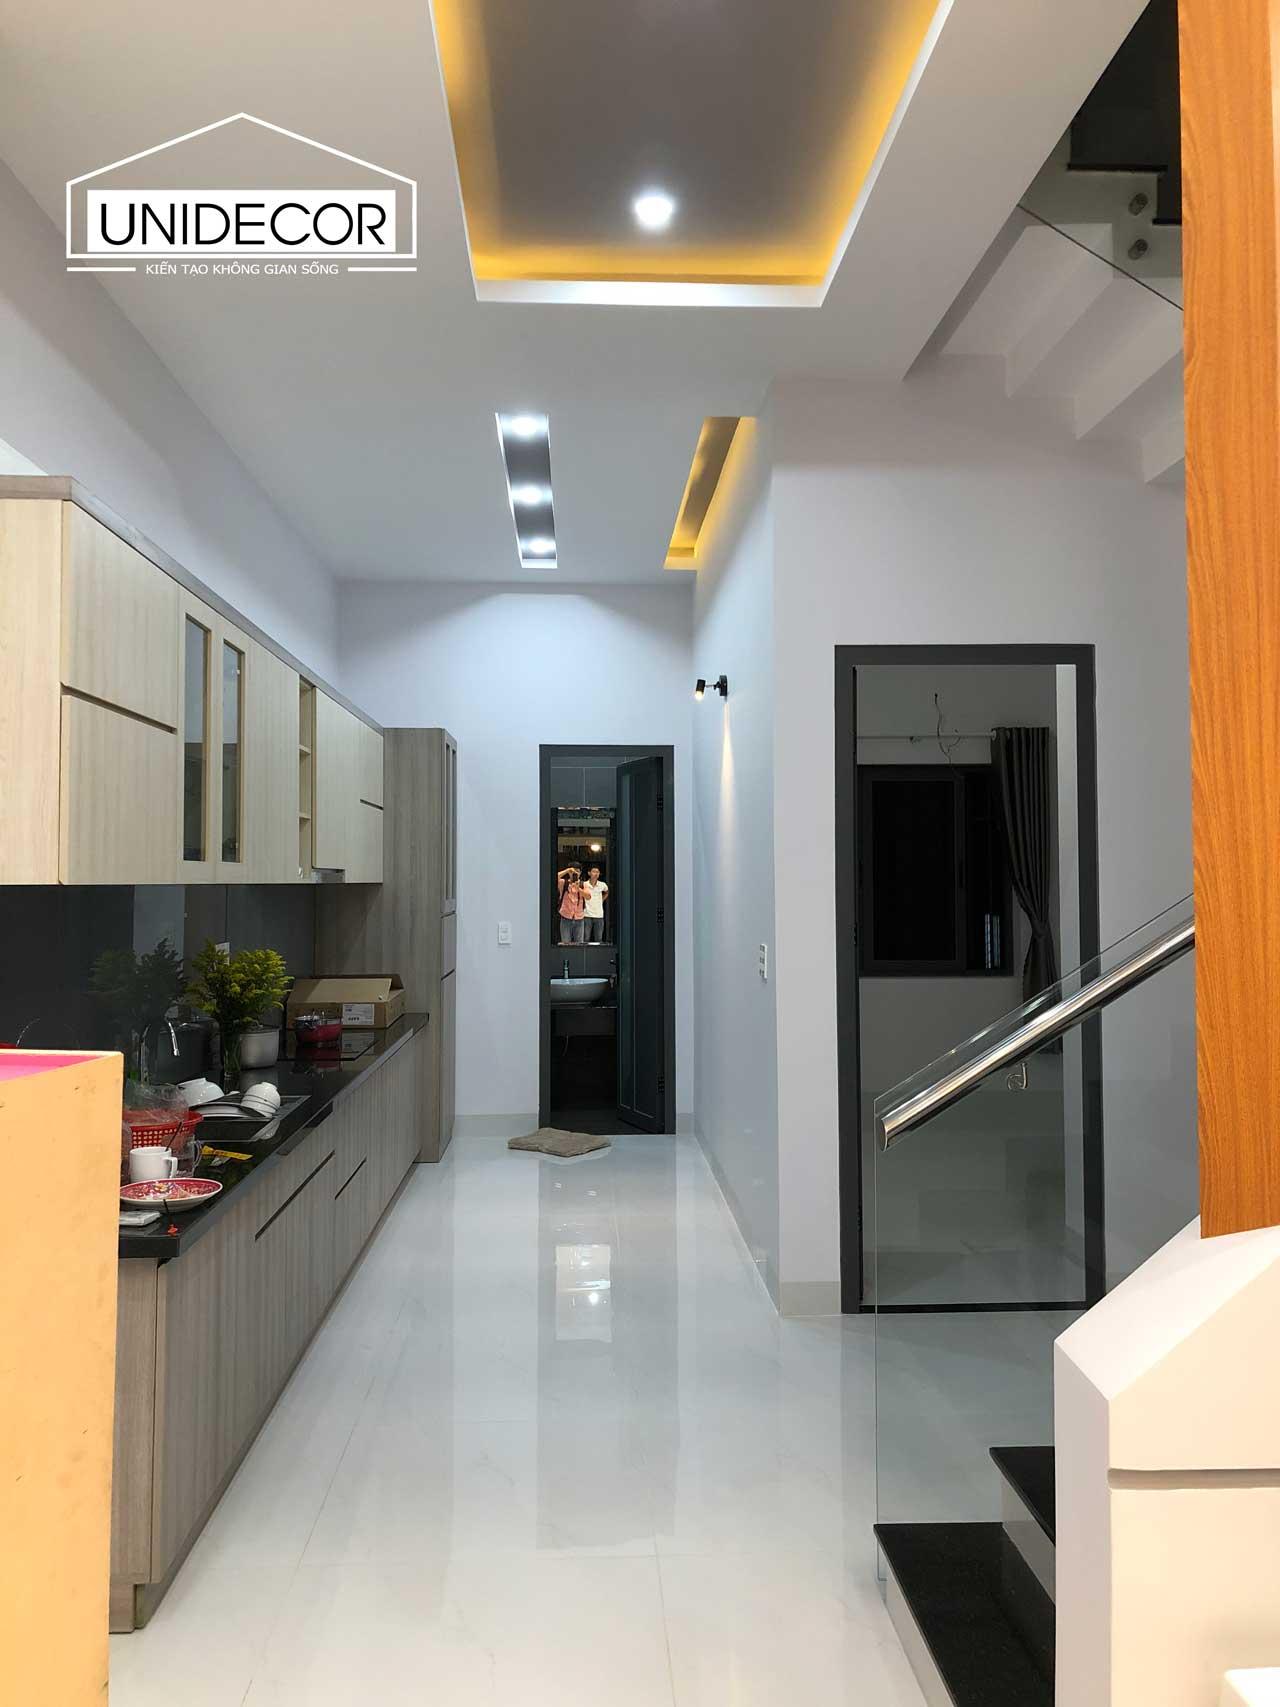 Khu vực bếp và lối đi toilet và phòng ngủ tại tầng 1